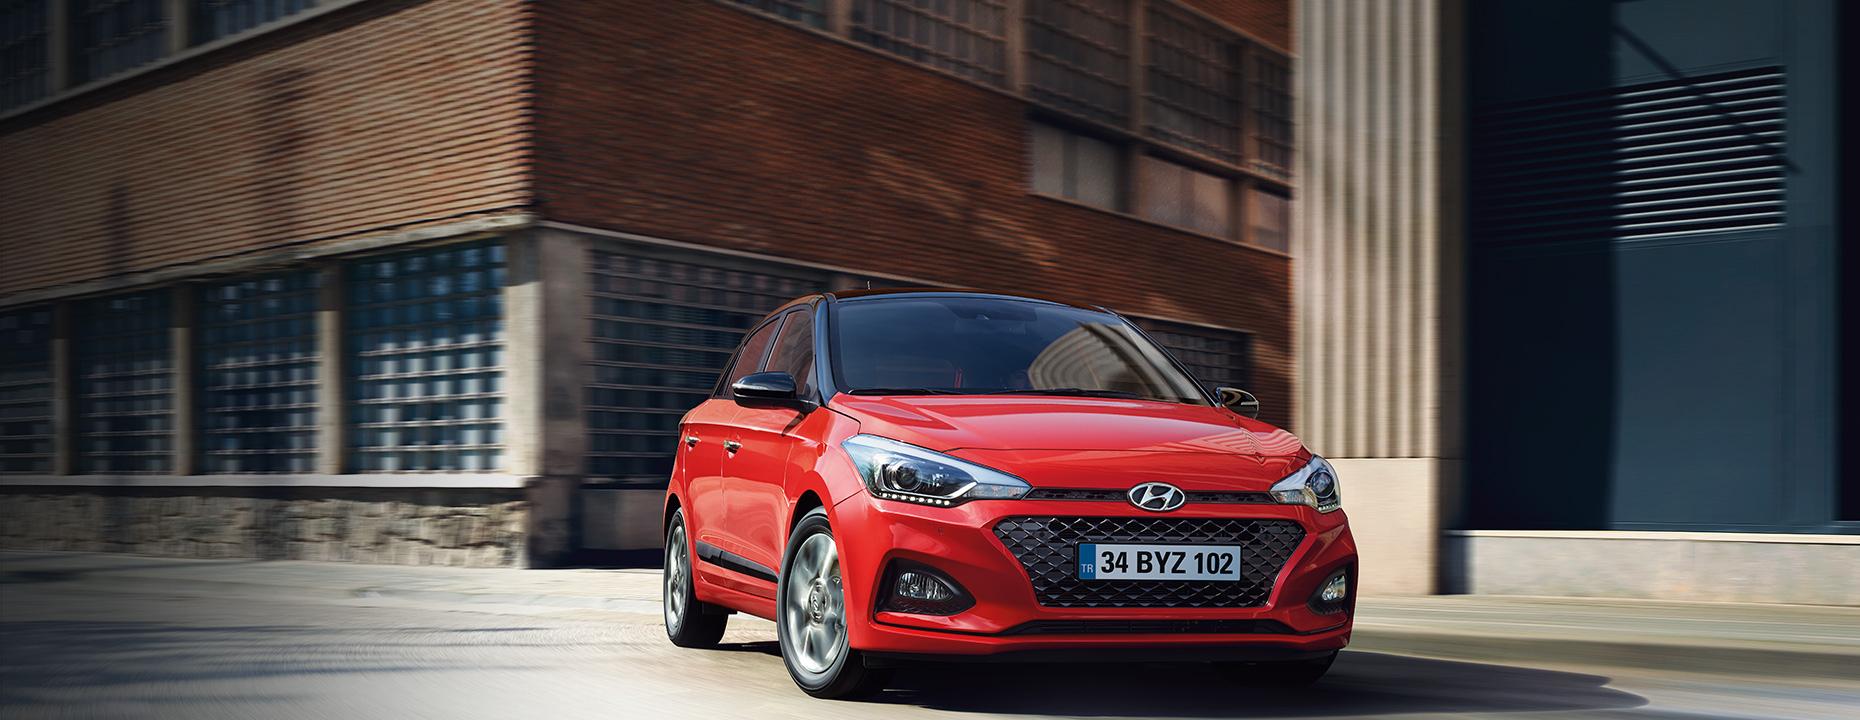 Hyundai   Binek, Suv Ve Ticari Araç Modelleri dedans Gamm Vert Salon De Jardin